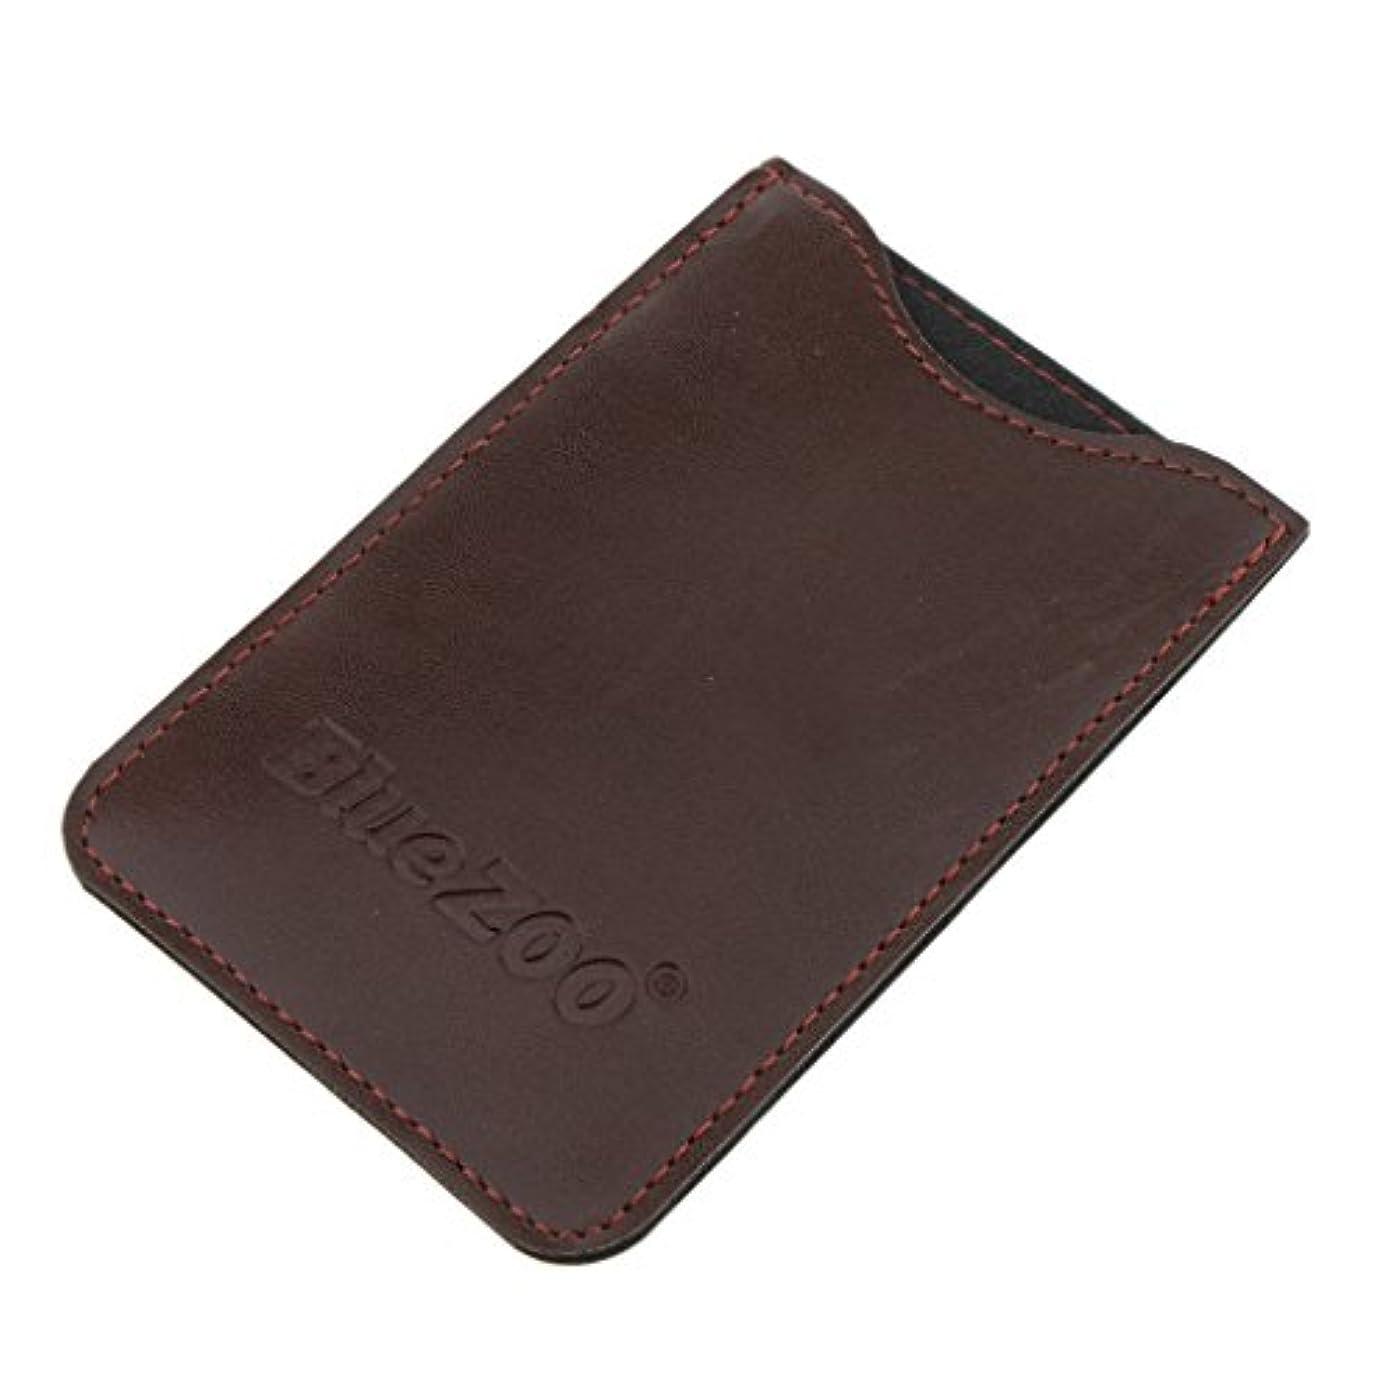 バター交換可能ネコPerfeclan コンビバッグ PUレザー 櫛バッグ ポケット オーガナイザー 収納ケース 保護カバー パック 全2色 - 褐色